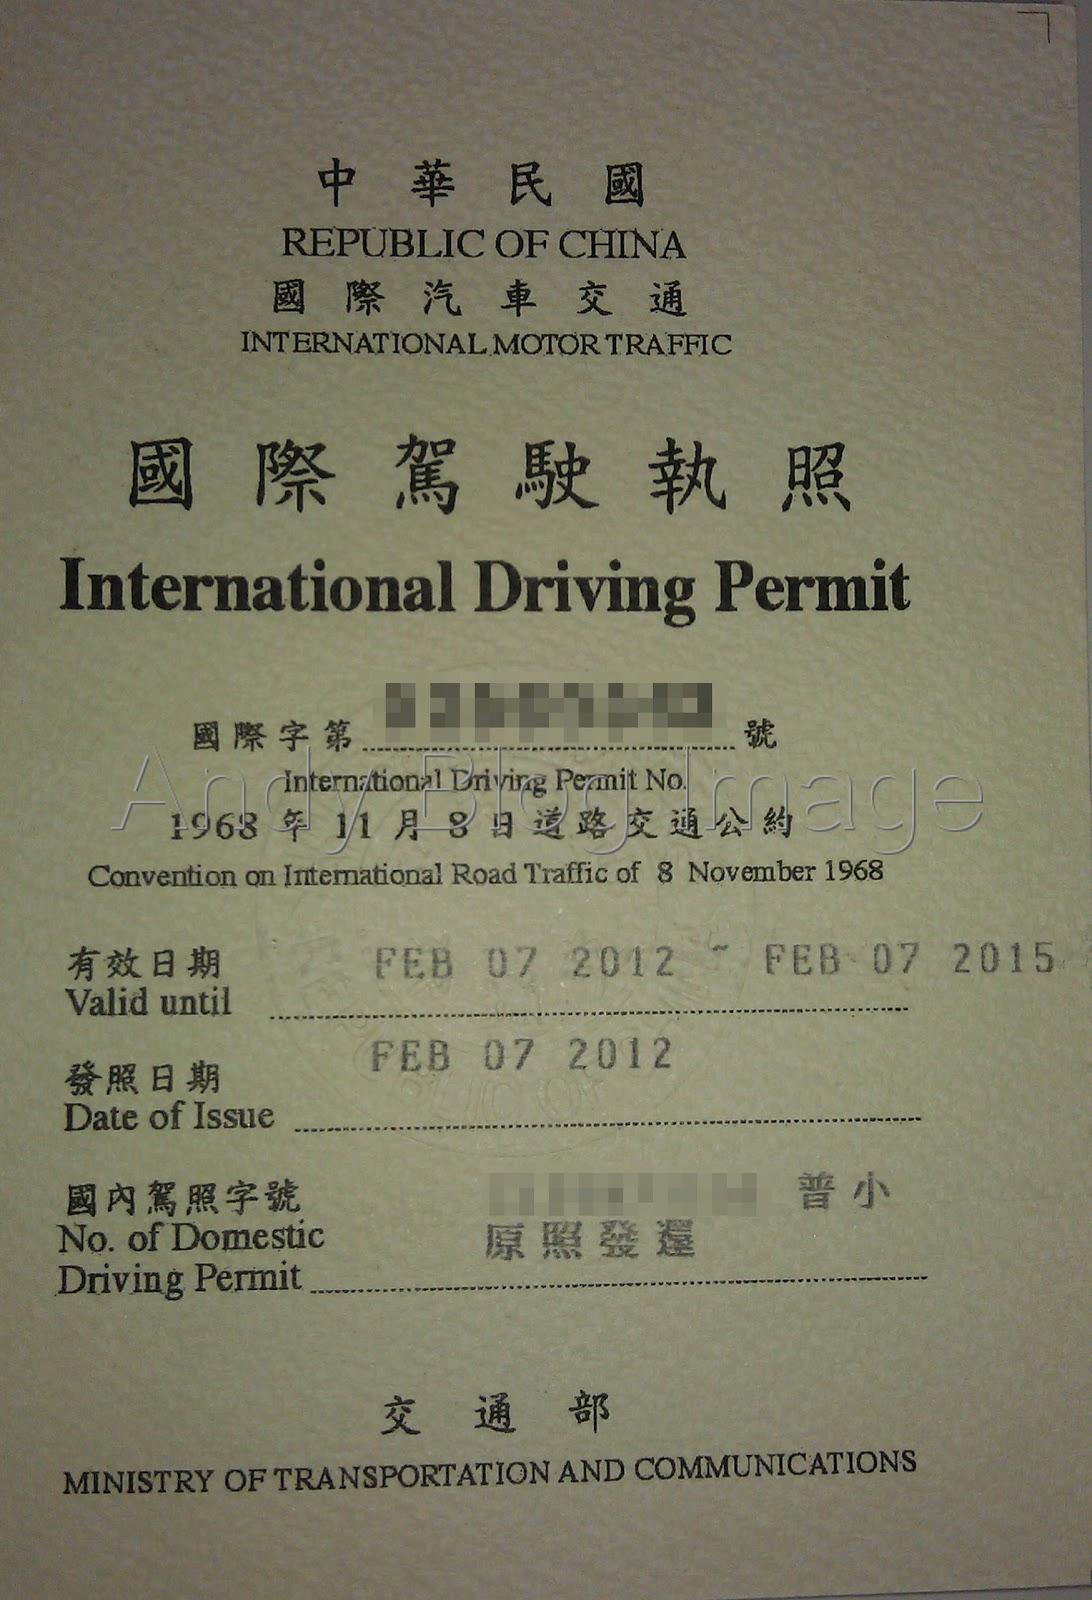 Andy 的隨手寫技術筆記本: 申請國際駕駛執照